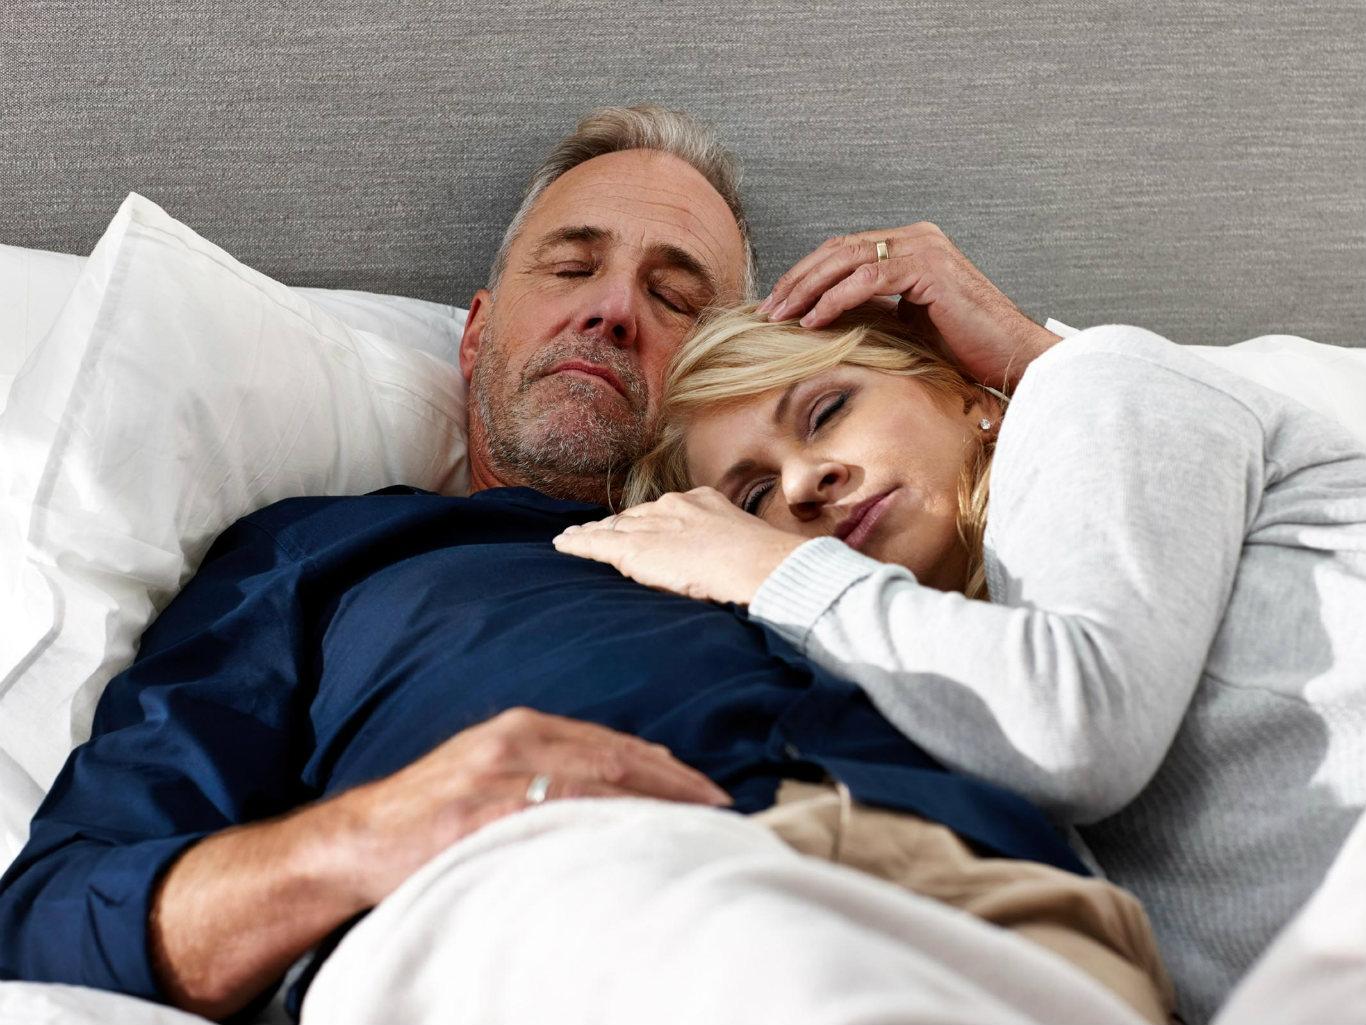 Секс рассказ зрелых мужчин фото, Порно рассказы: Зрелая женщина и парень 12 фотография